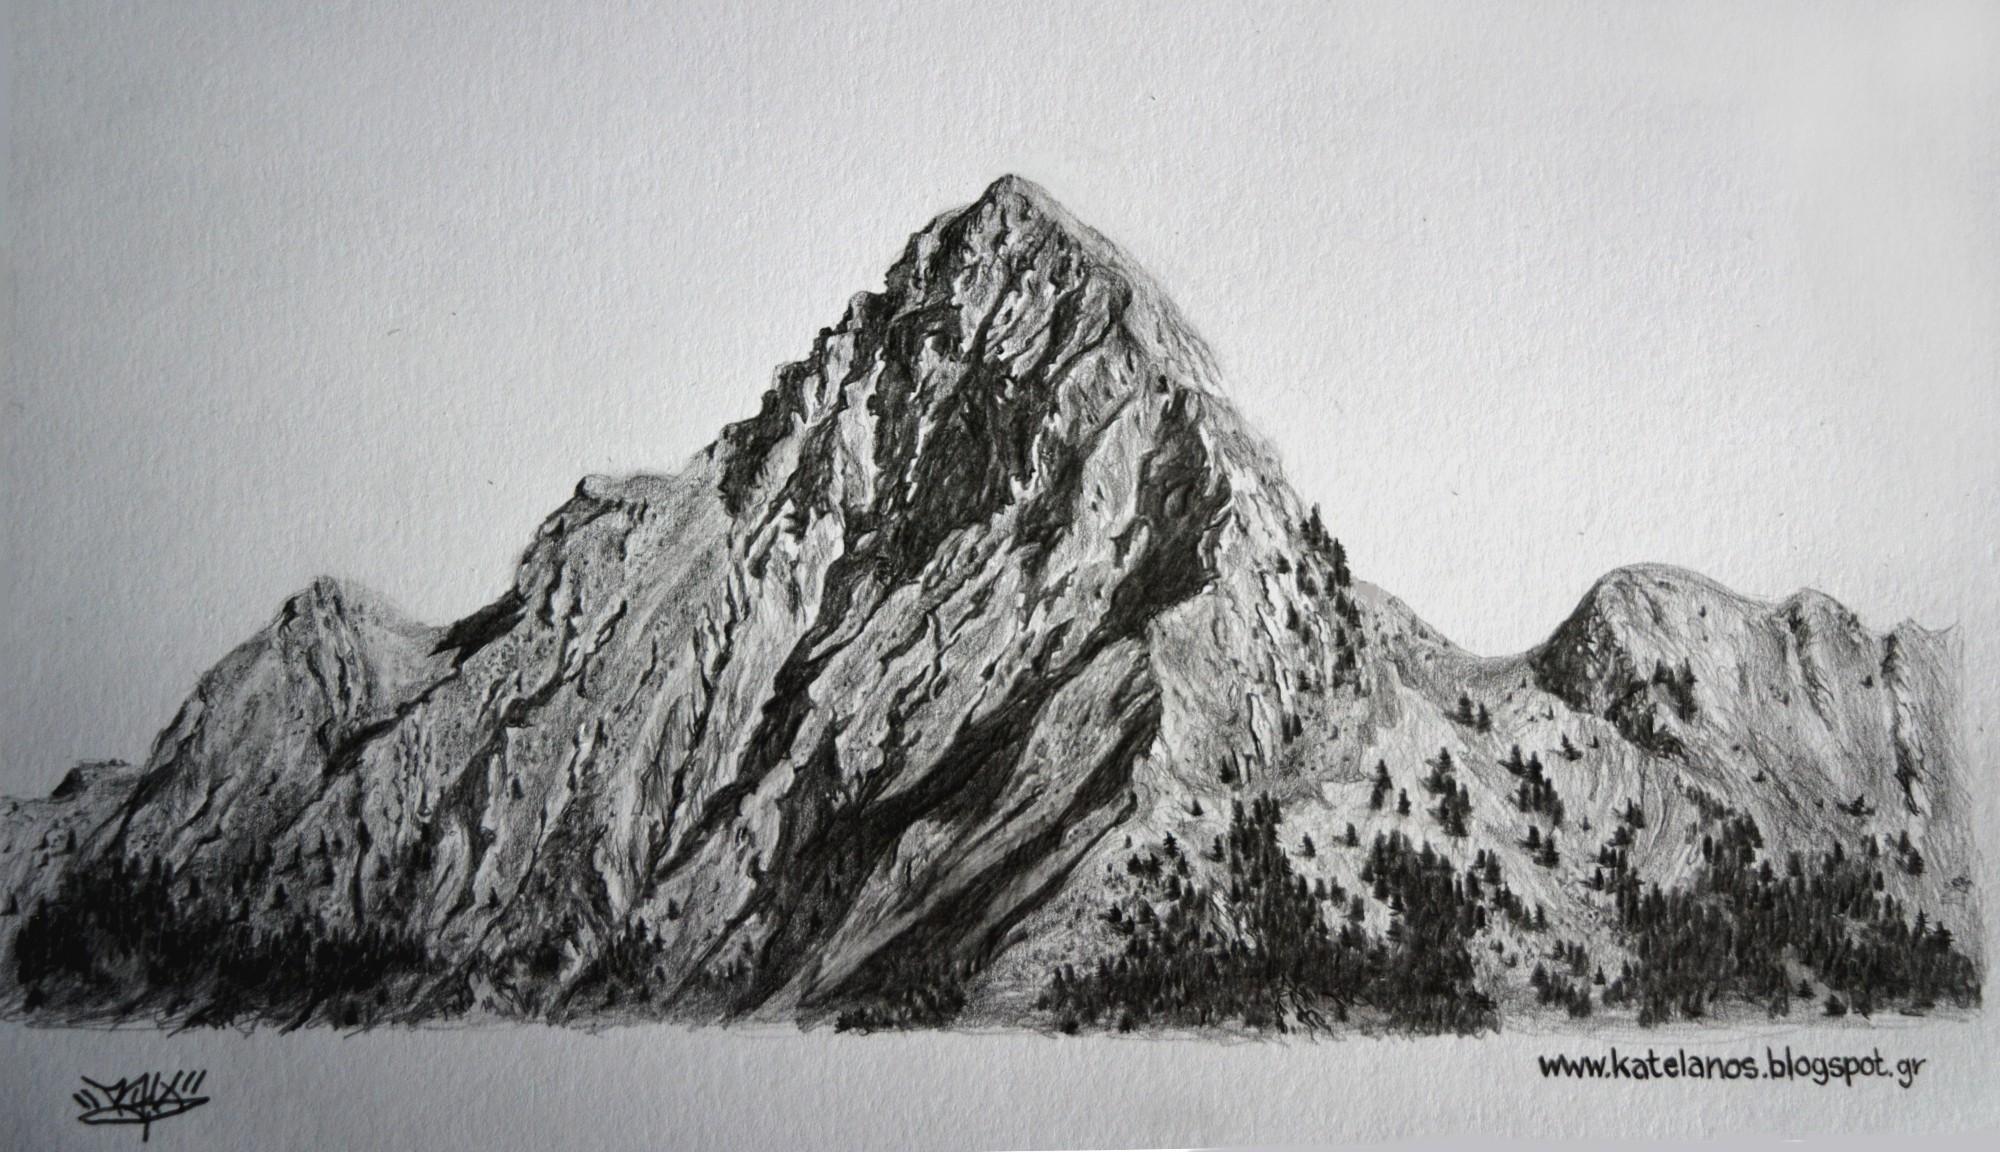 κούτουπας παναιτωλικό όρος κούτπας παναιτωλικού σκίτσο βουνό κουτουπας